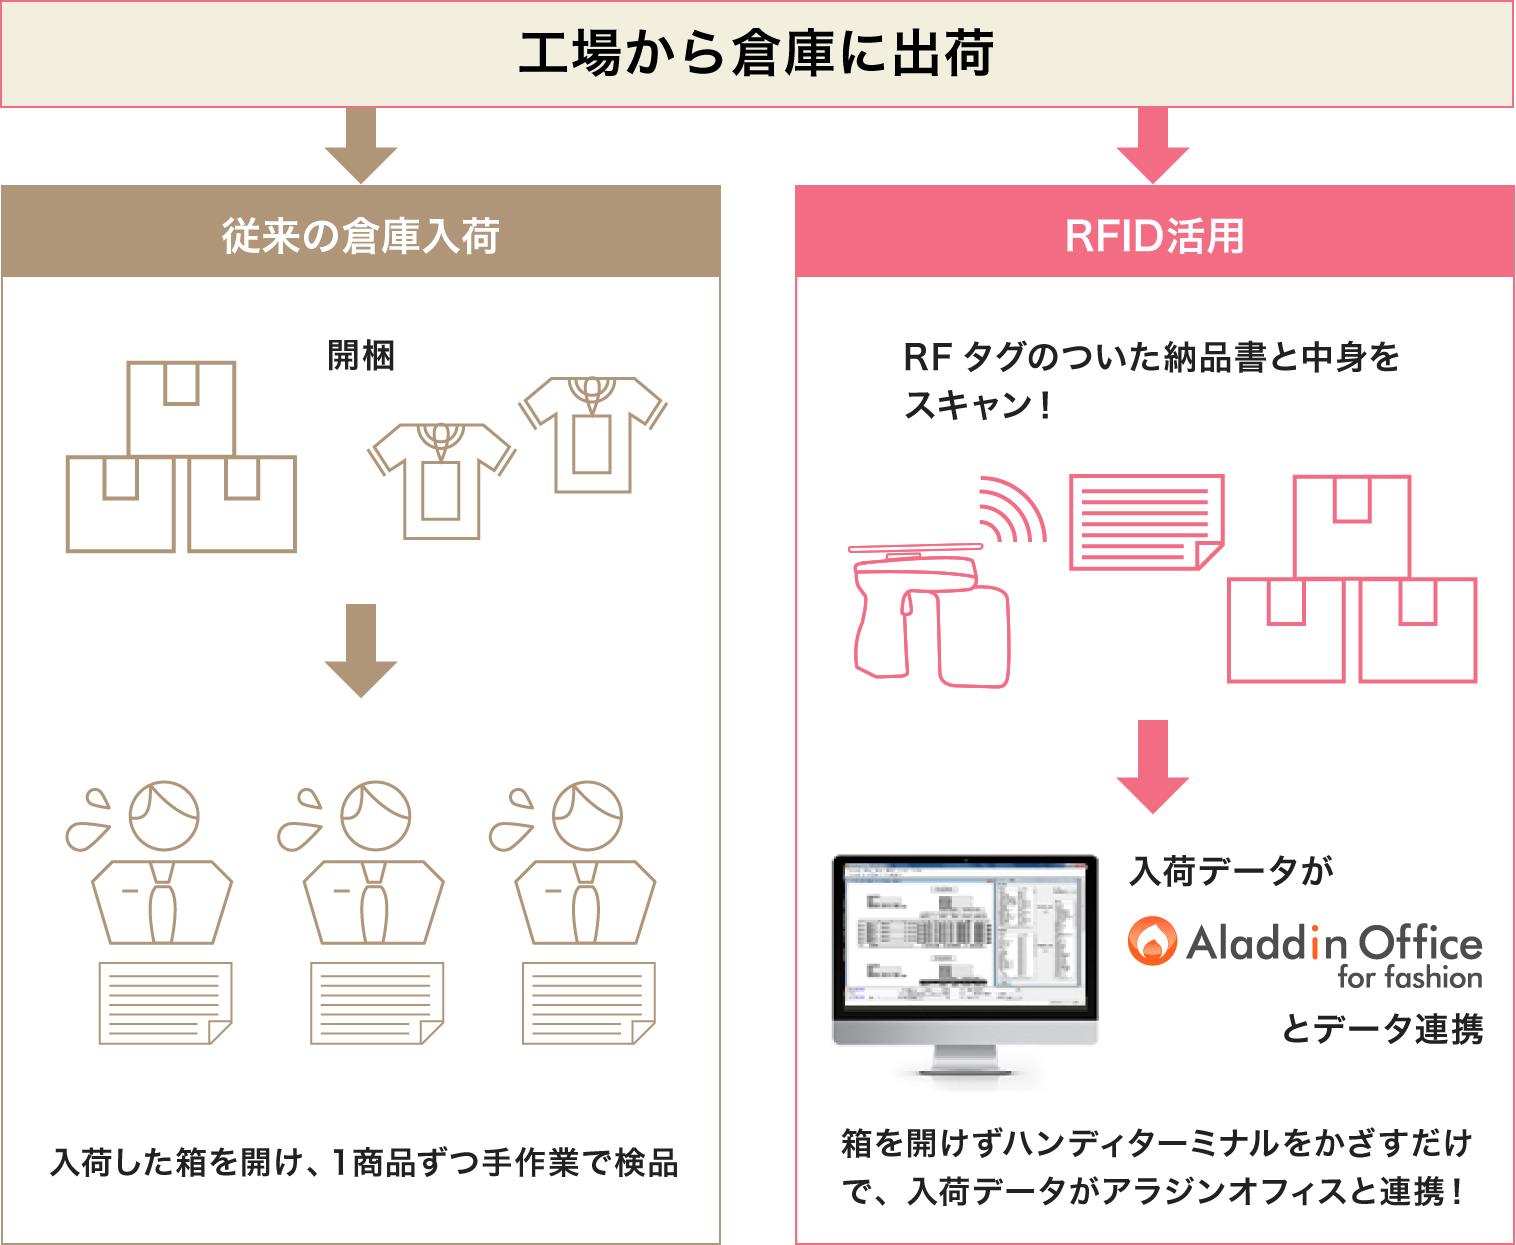 RFIDの活用